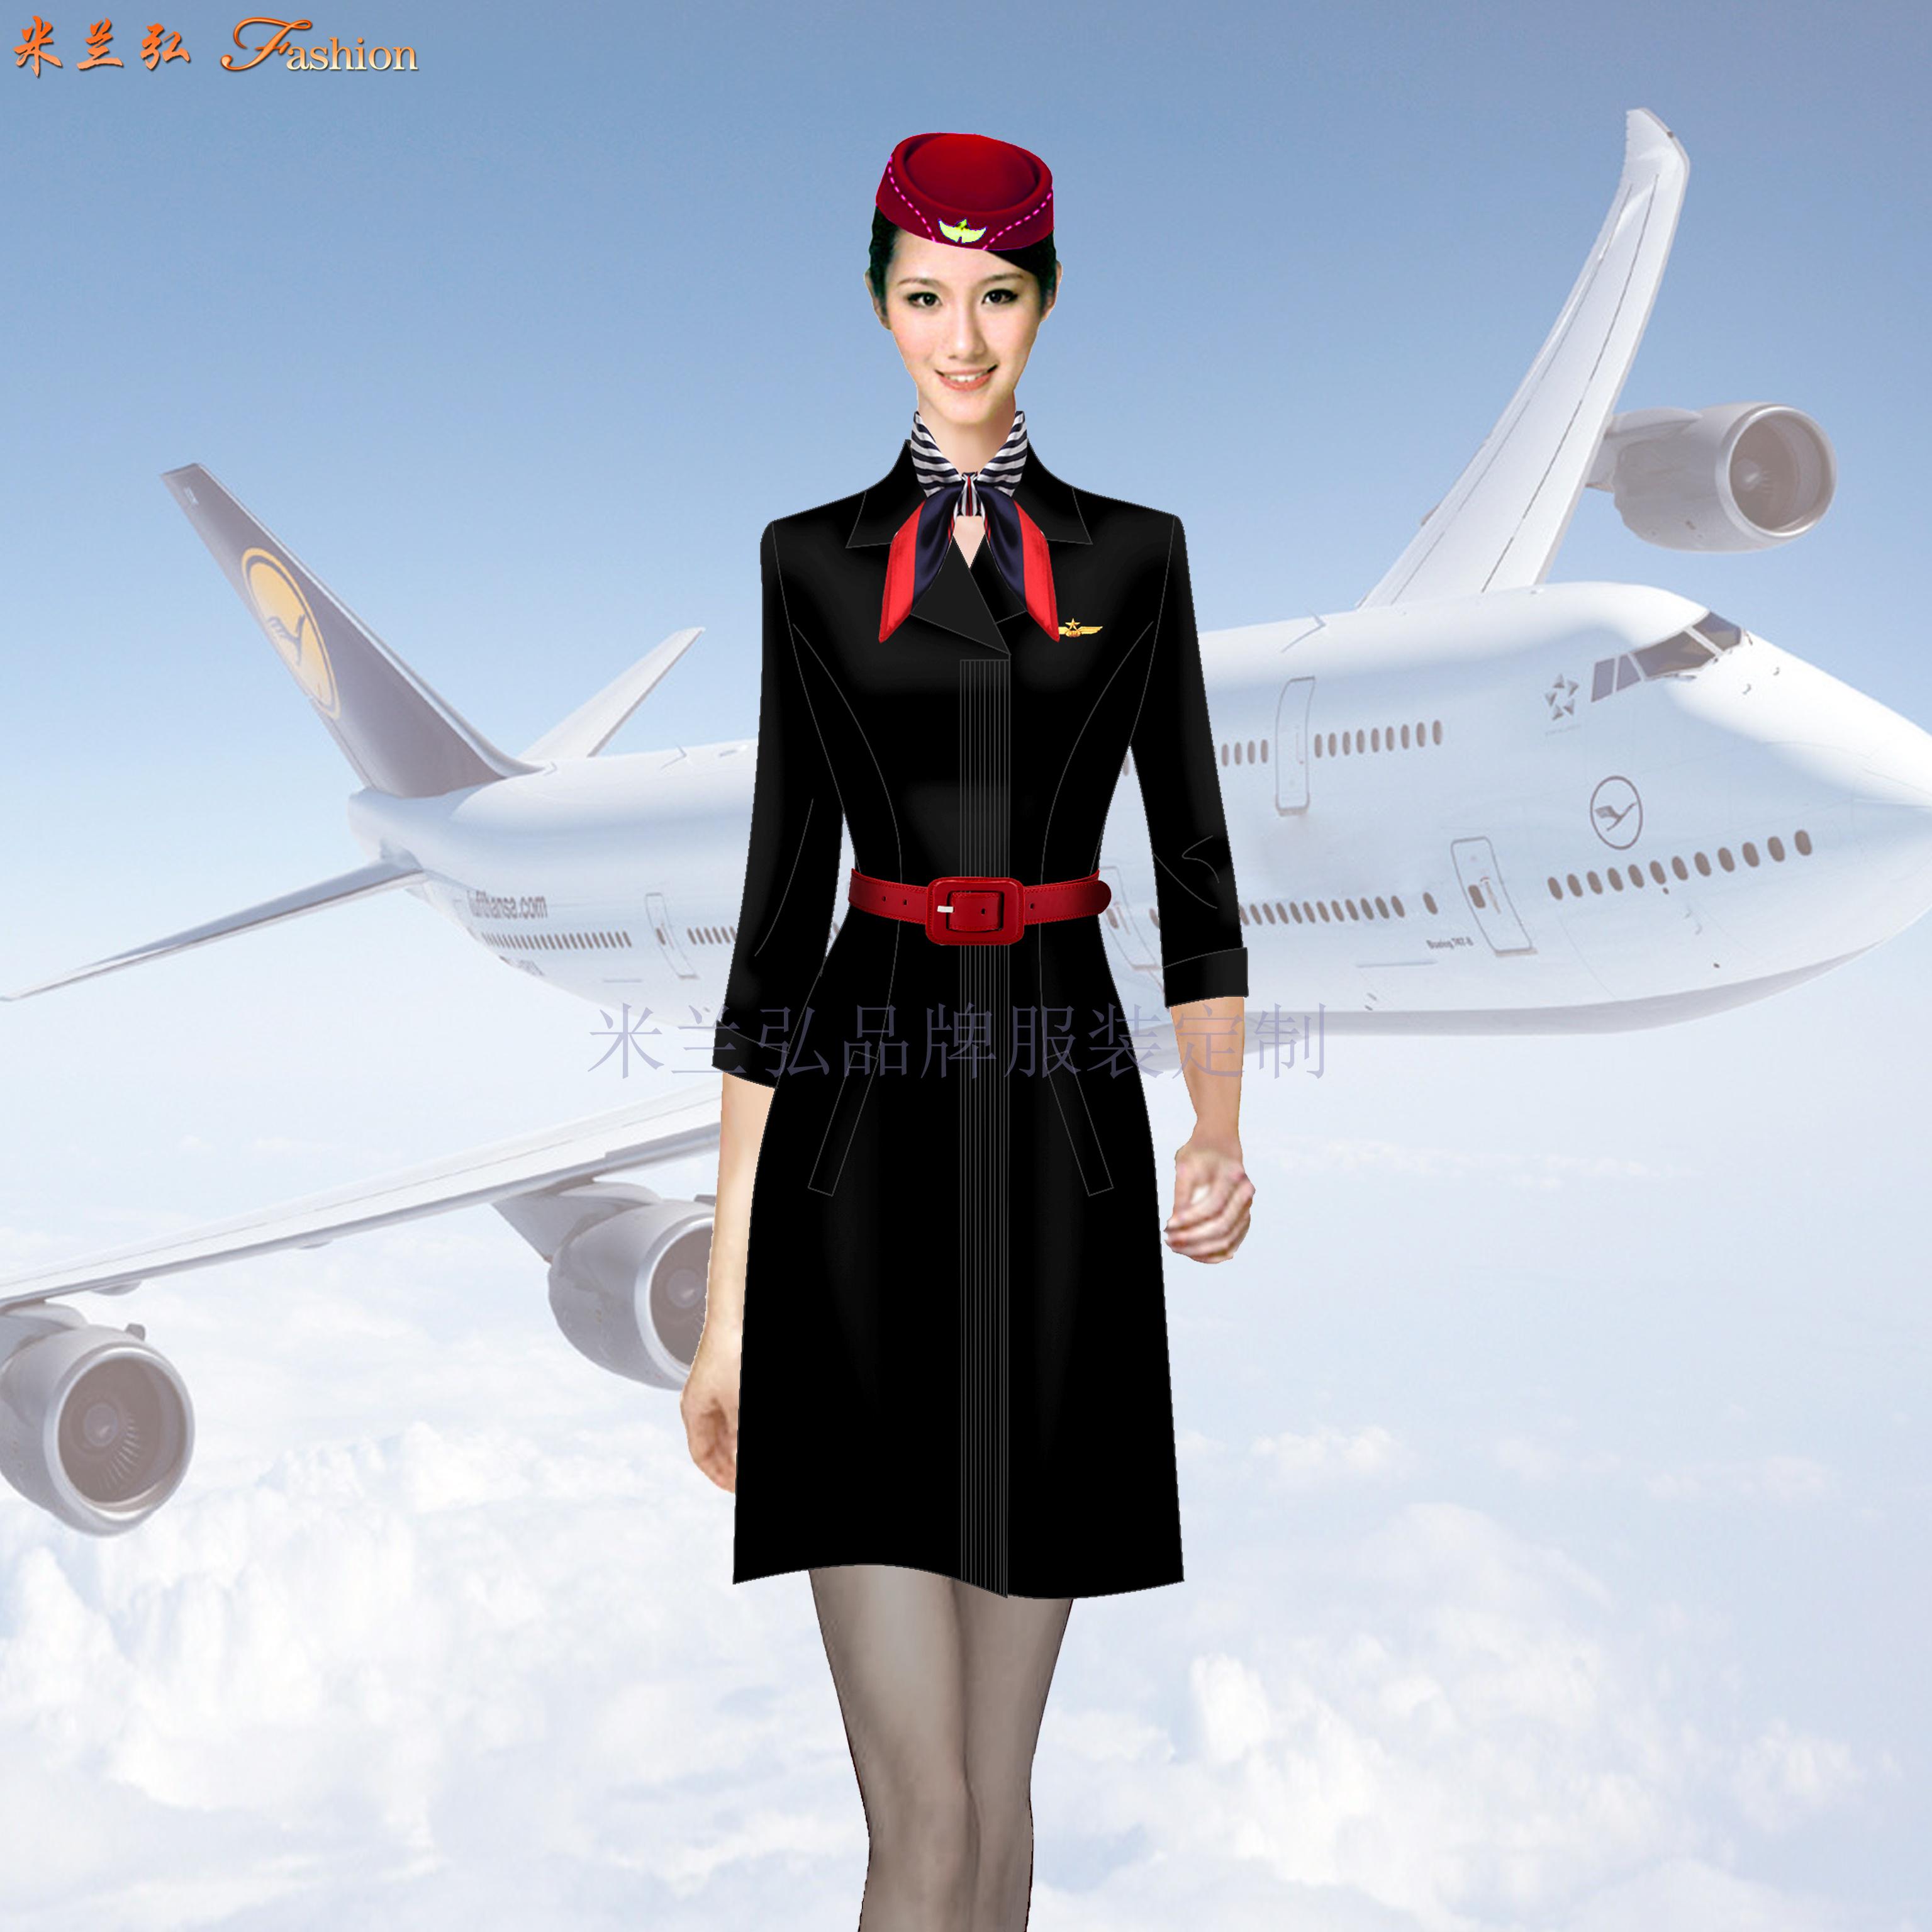 空姐連衣裙定制-量體定做空姐服夏裝廠家-米蘭弘服裝-3